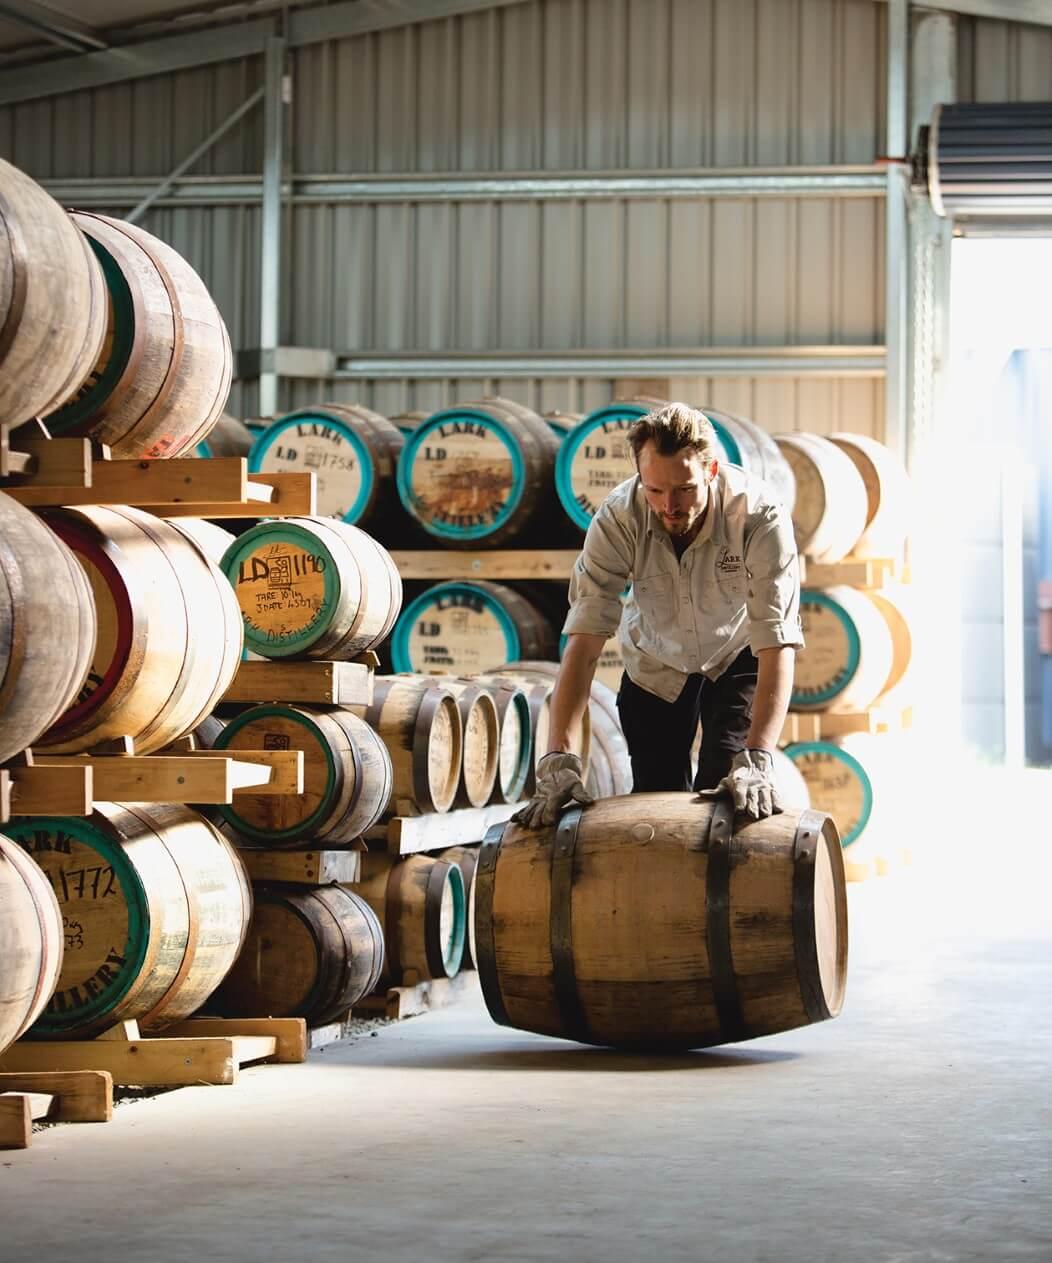 Rolling out casks at Lark Distillery